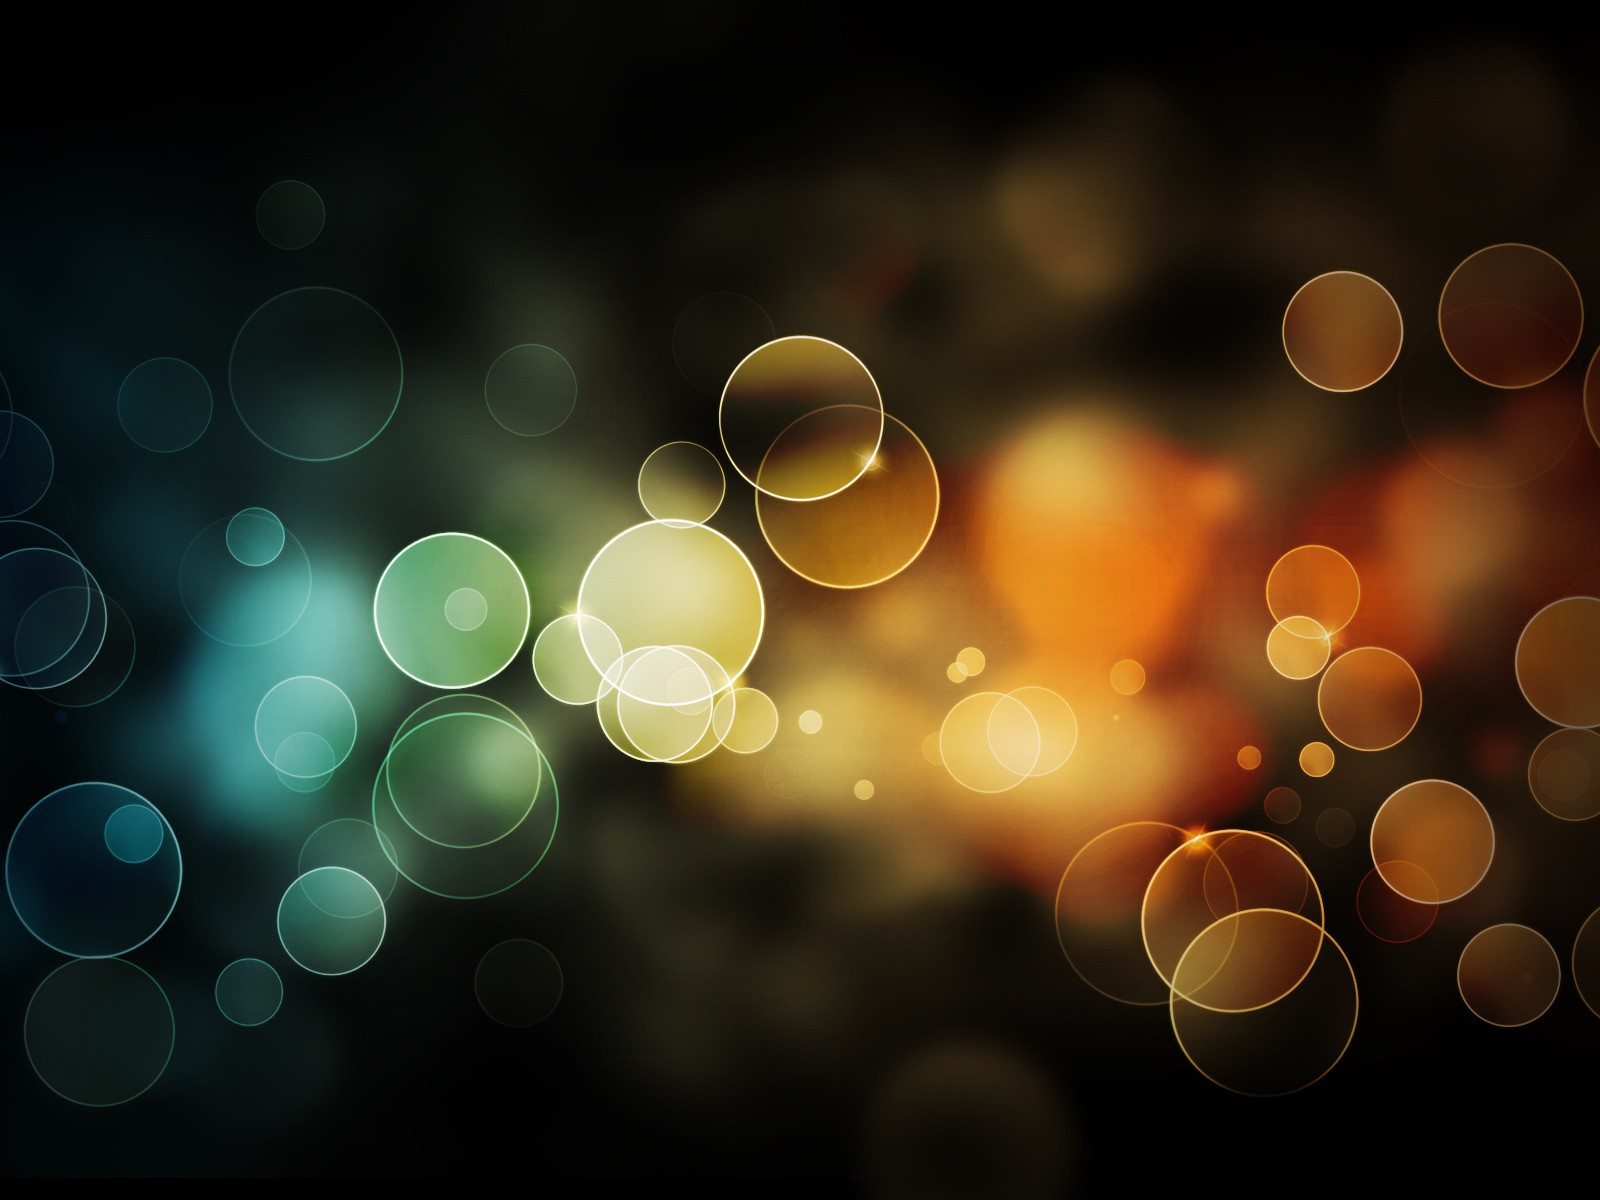 colorful bubbles desktop background picture